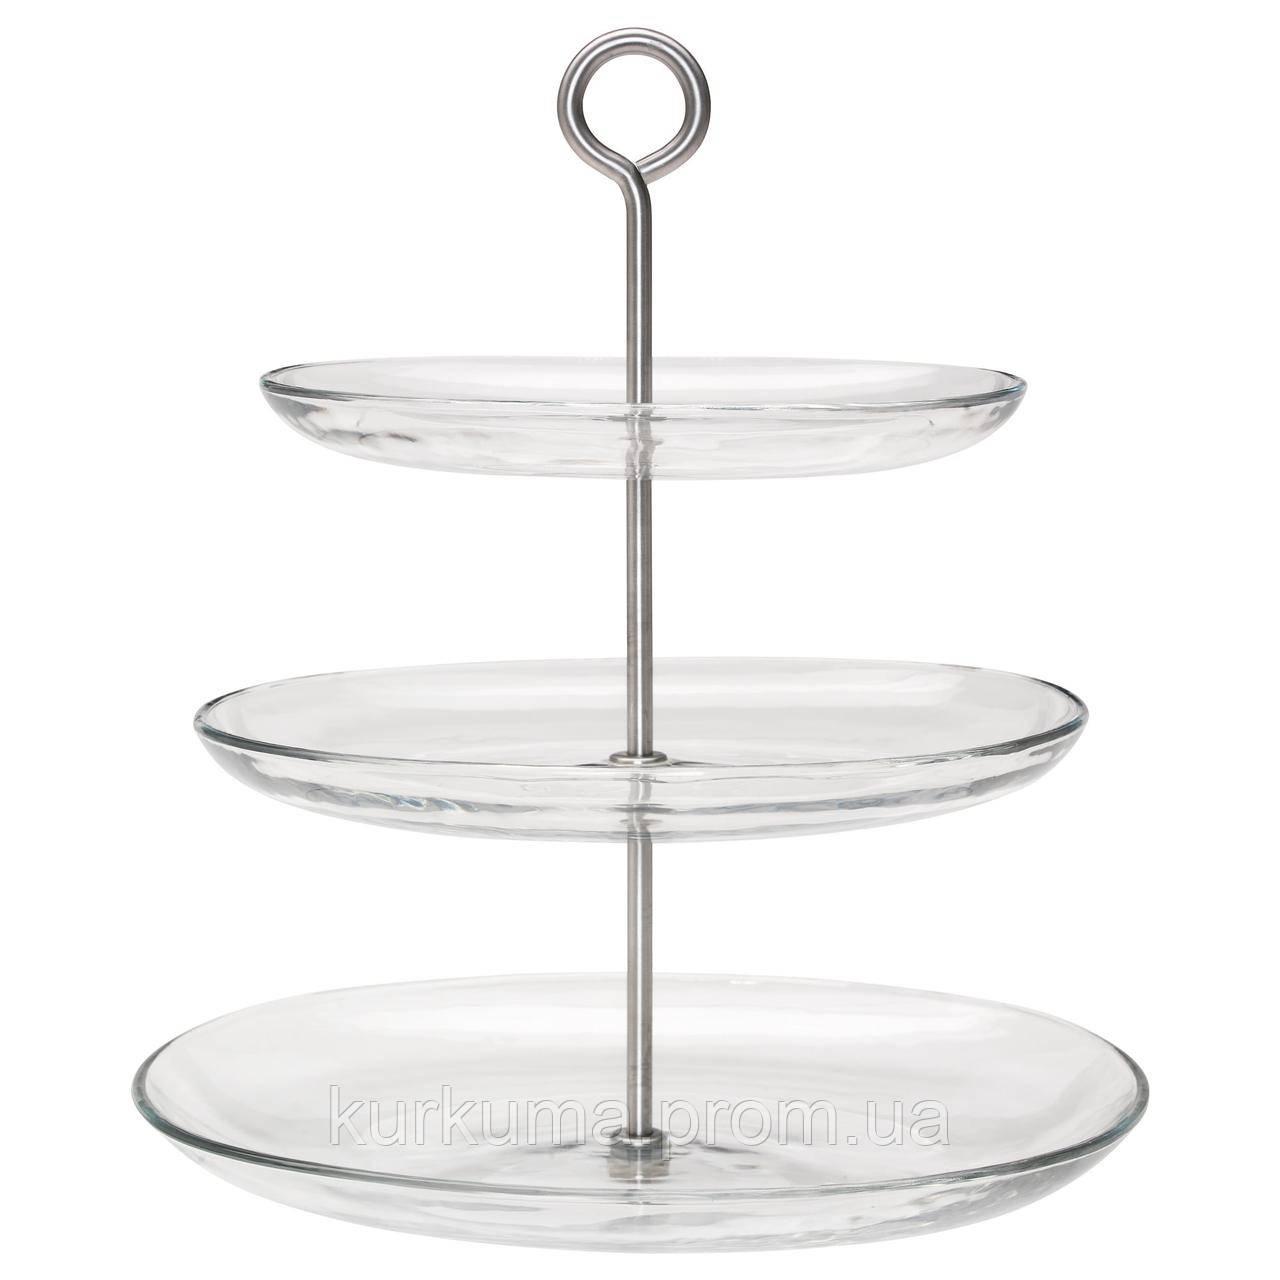 IKEA KVITTERA Подставка для торта, прозрачное стекло, нержавеющая сталь  (902.798.42)